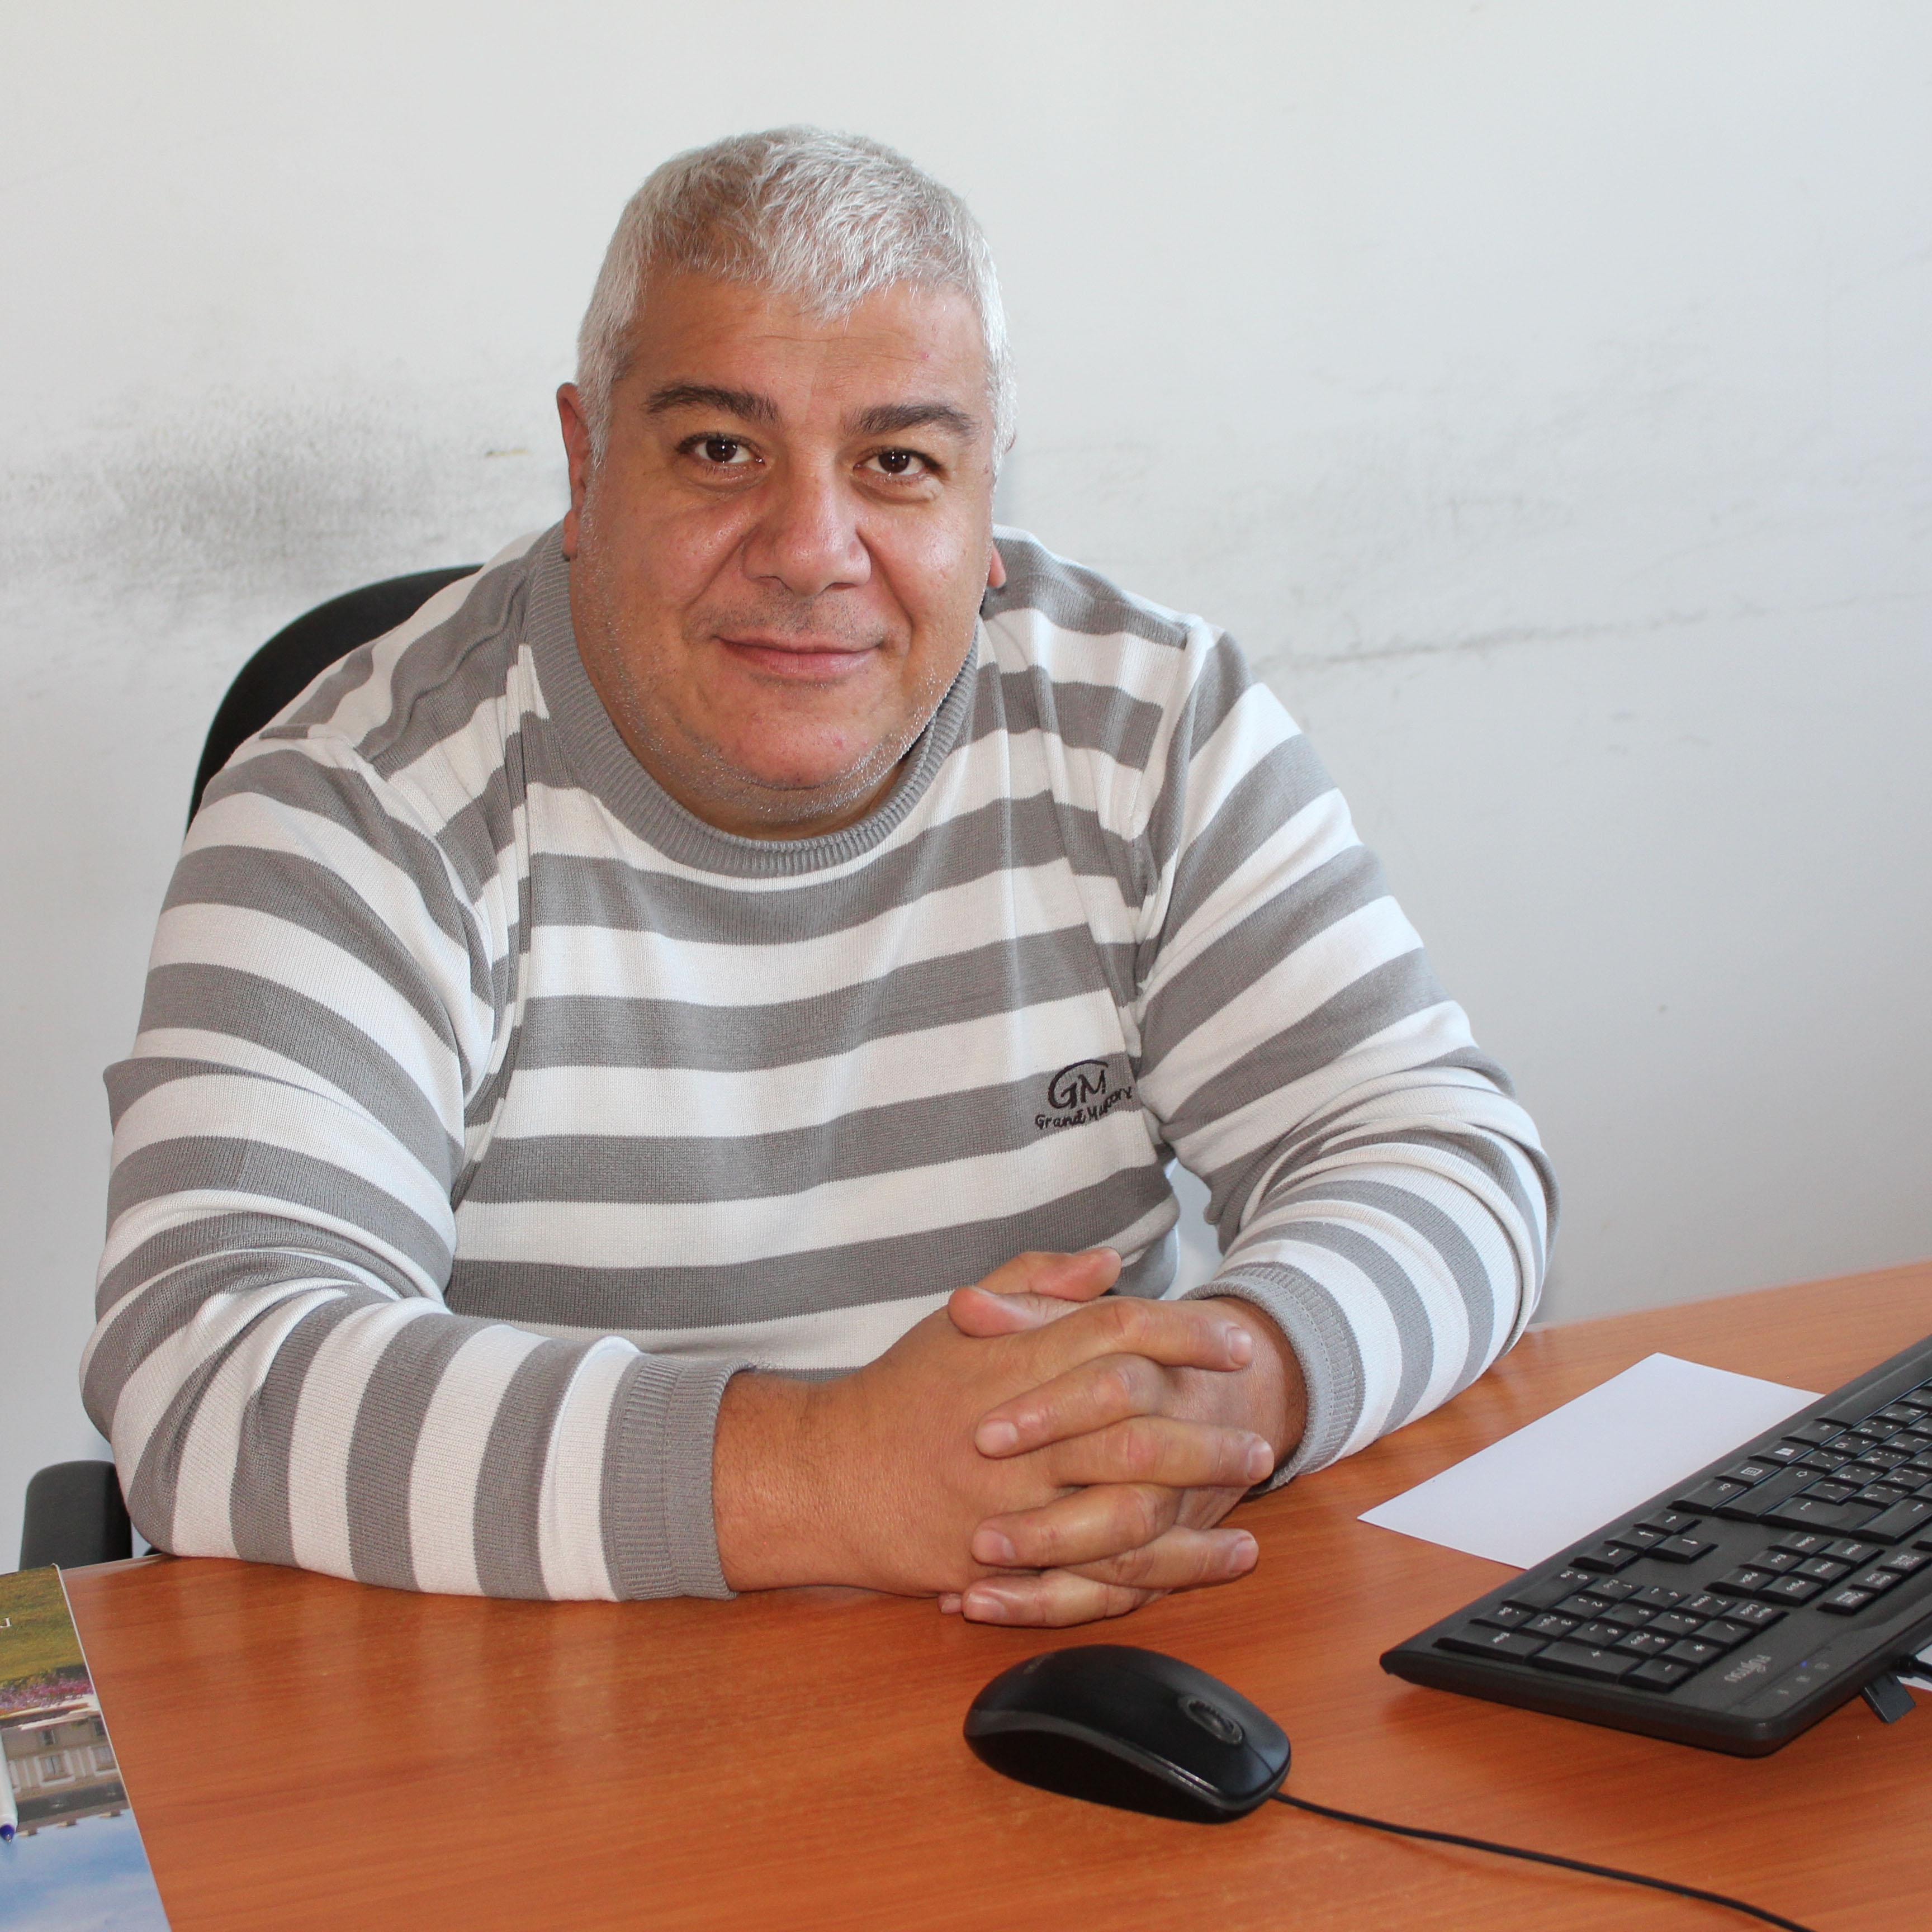 Mayis Tovmasyan